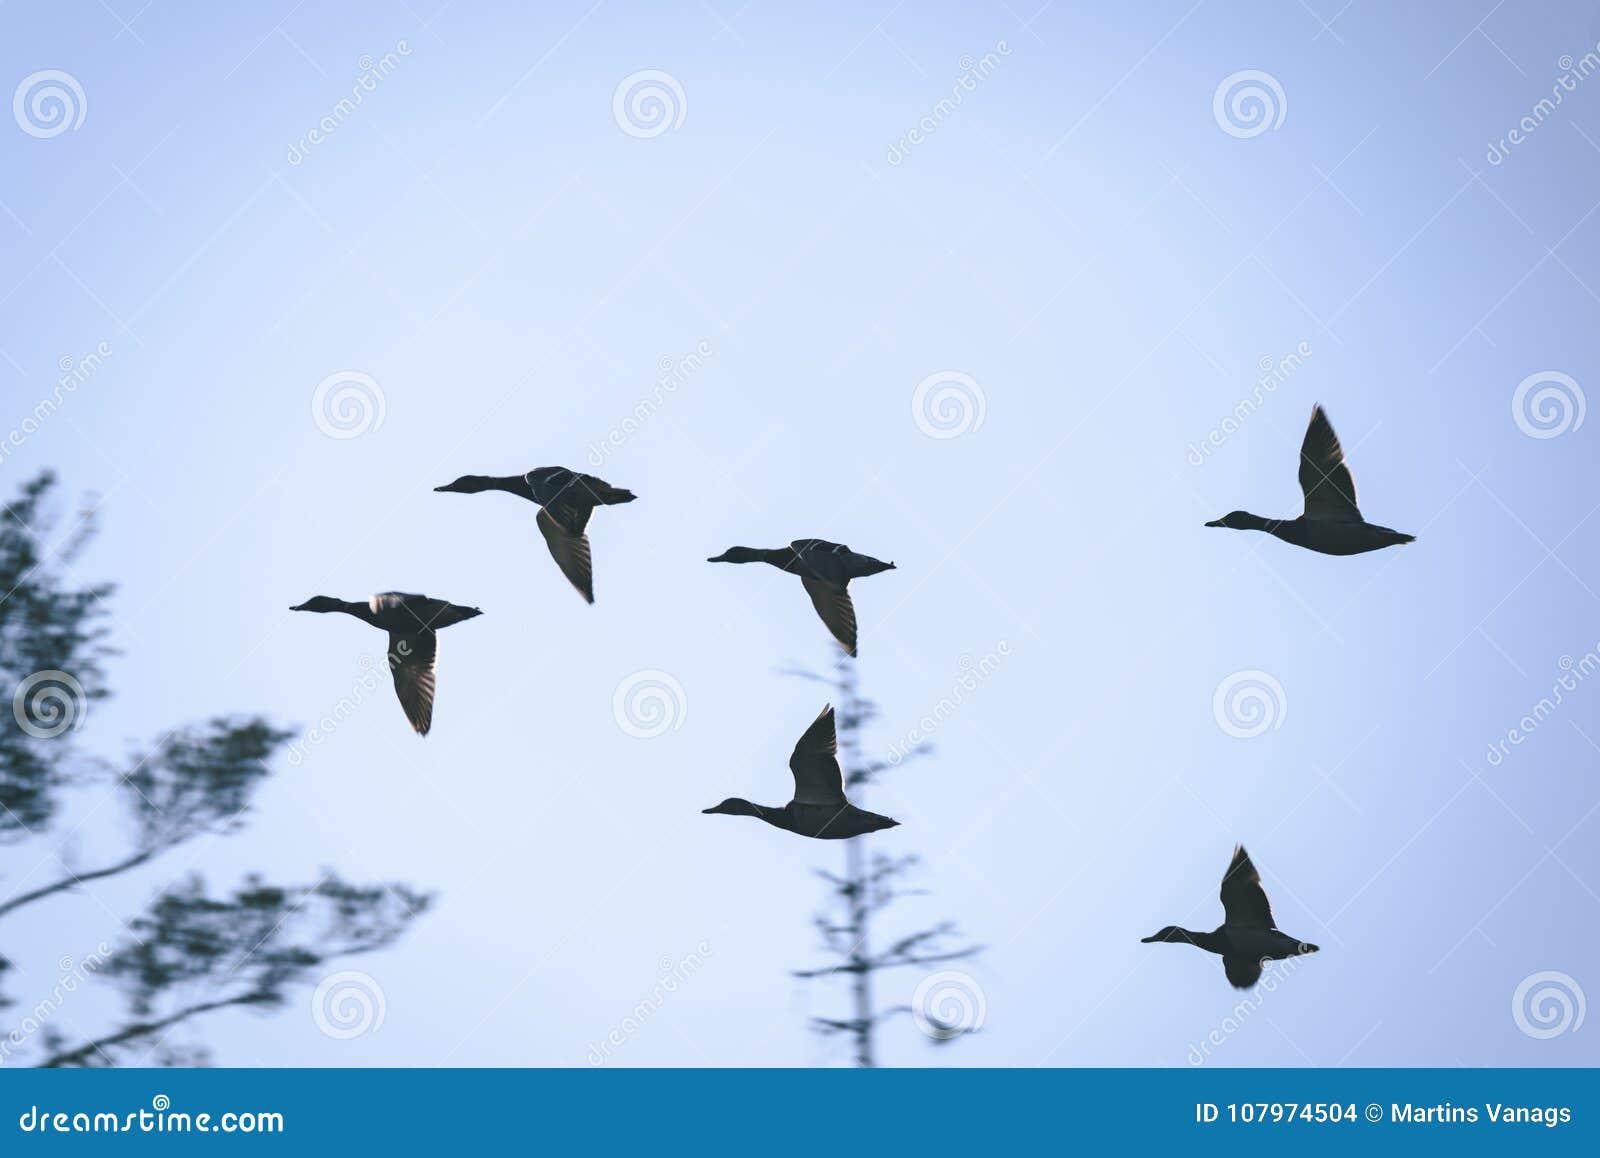 Μαύρο πουλί ταινία